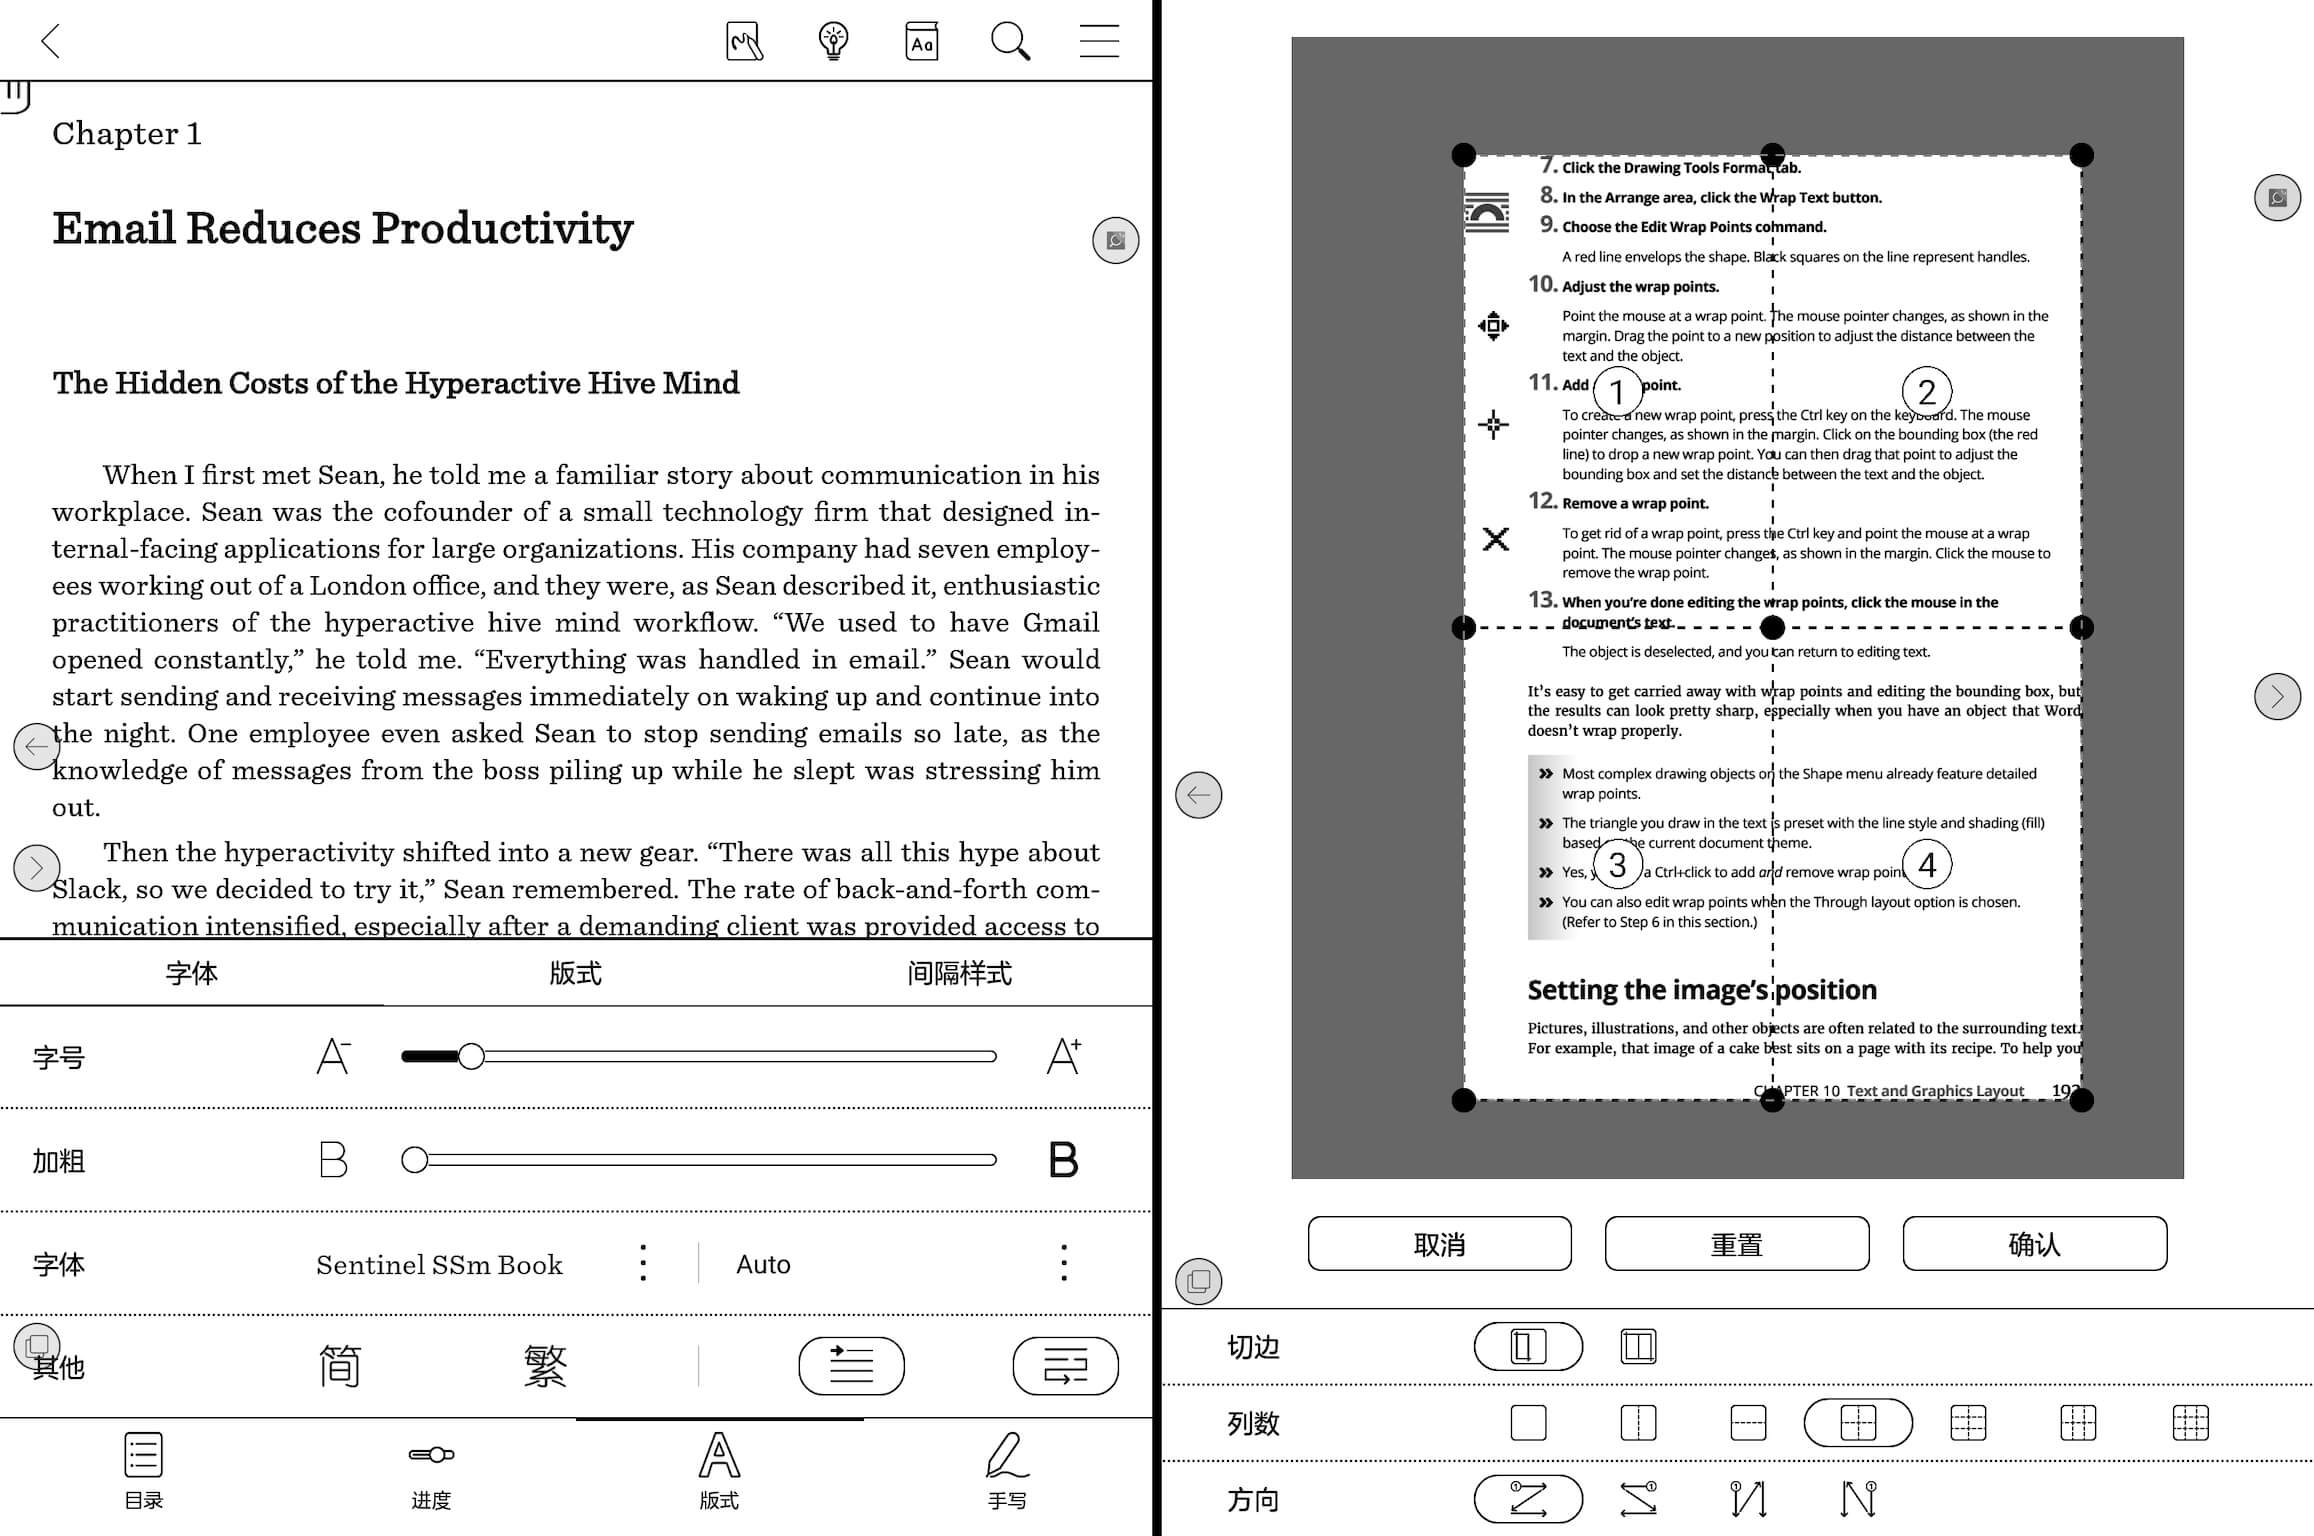 NeoReader 针对 EPUB 和 PDF 文件的排版选项